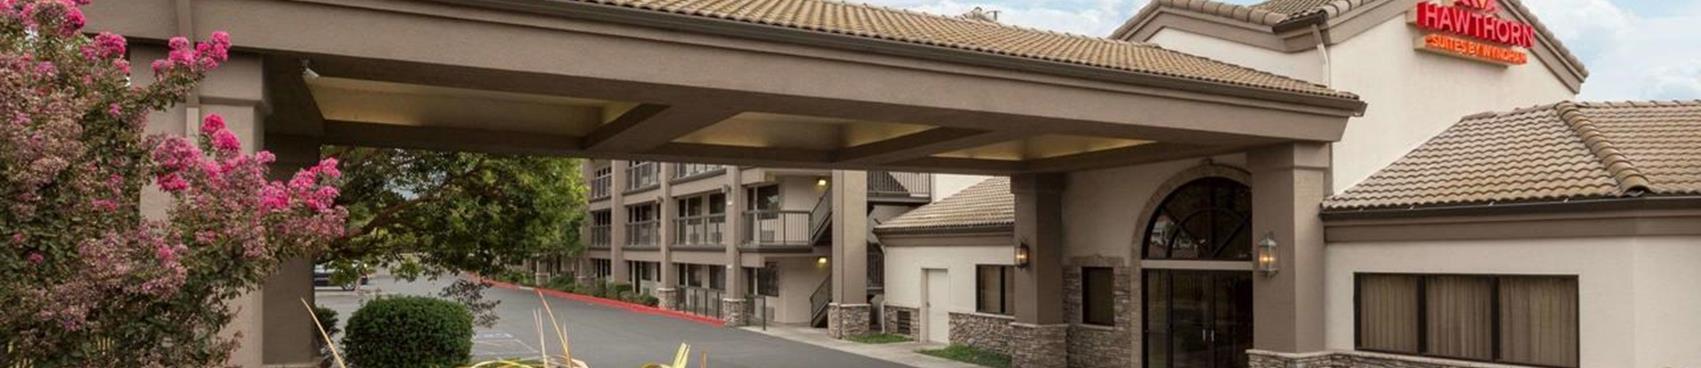 Hawthorn Inn & Suites by Wyndam Napa Valley